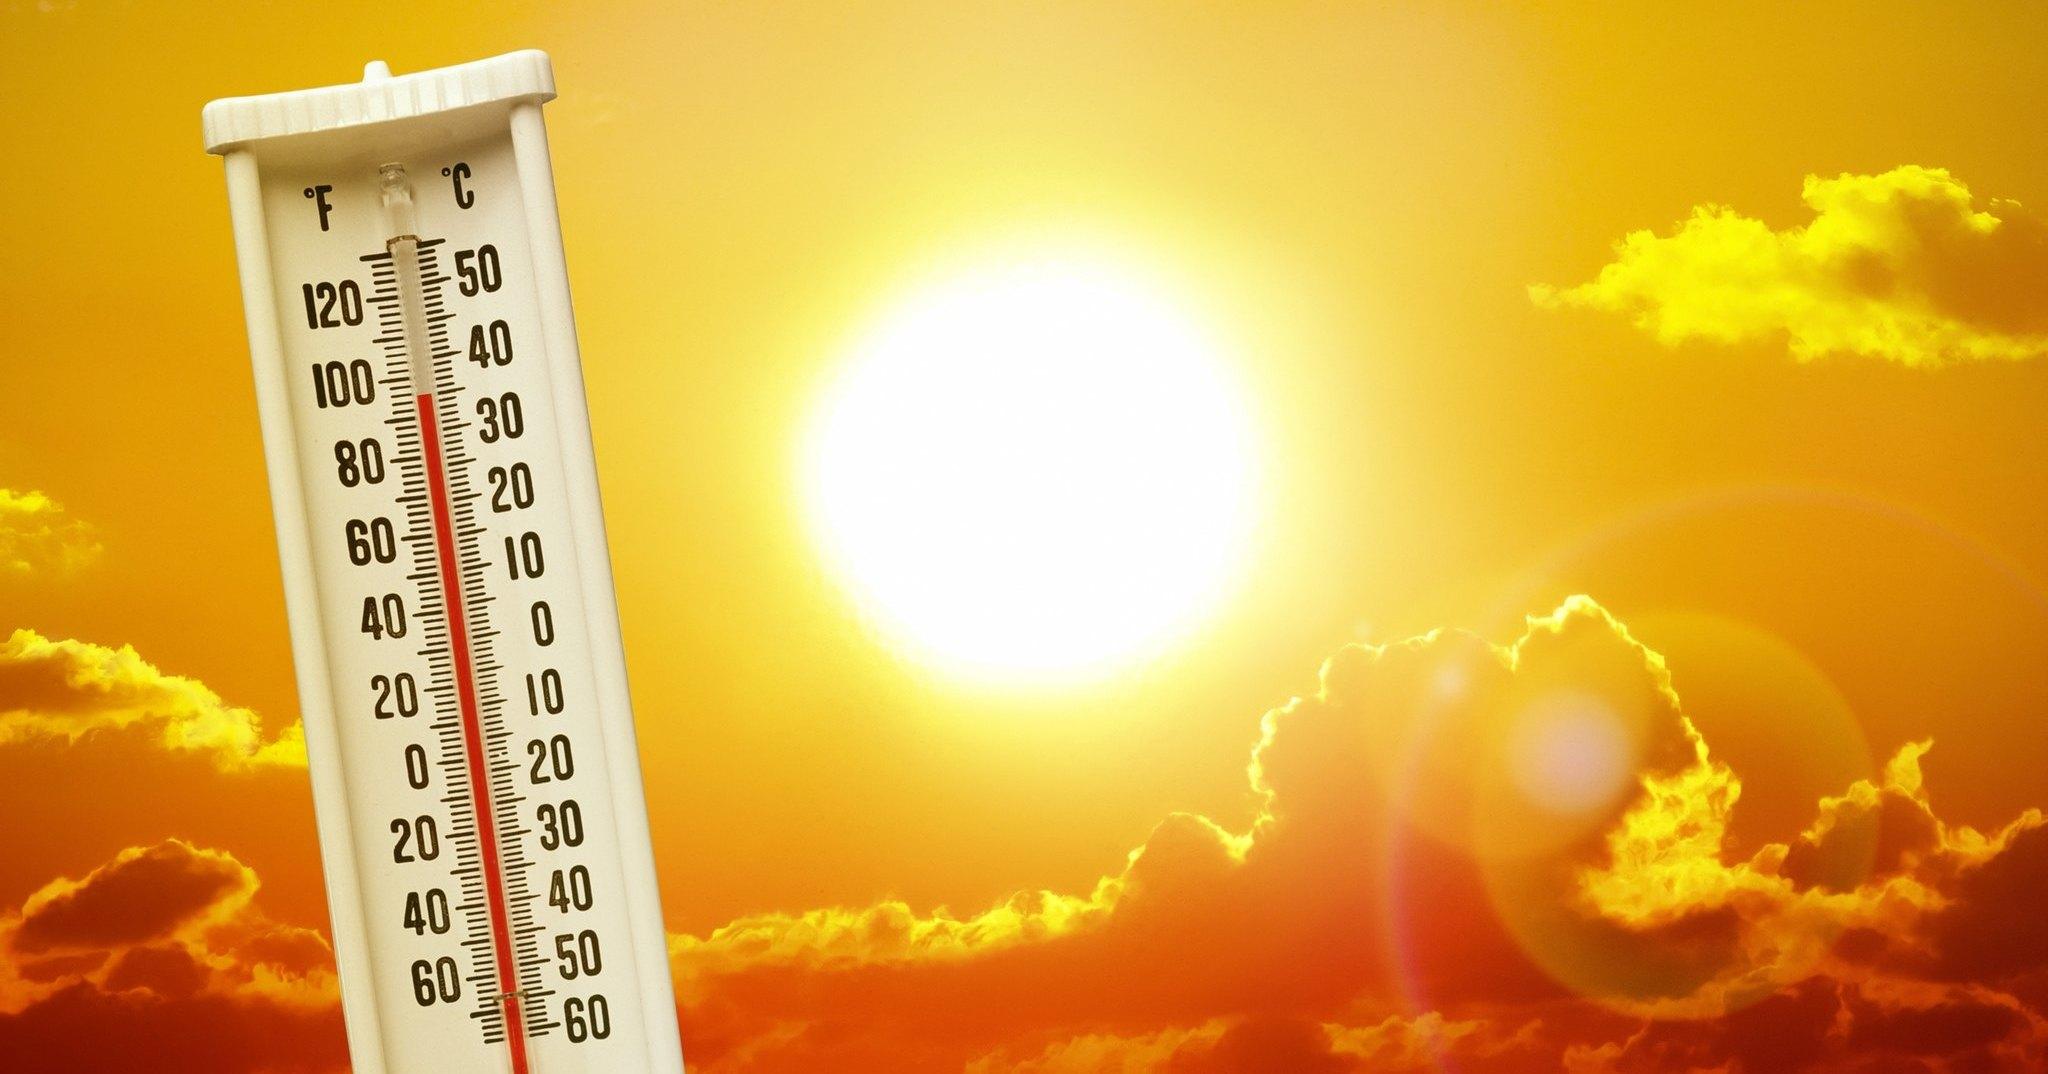 Летняя жара станет ещё сильнее в ближайшие десятилетия